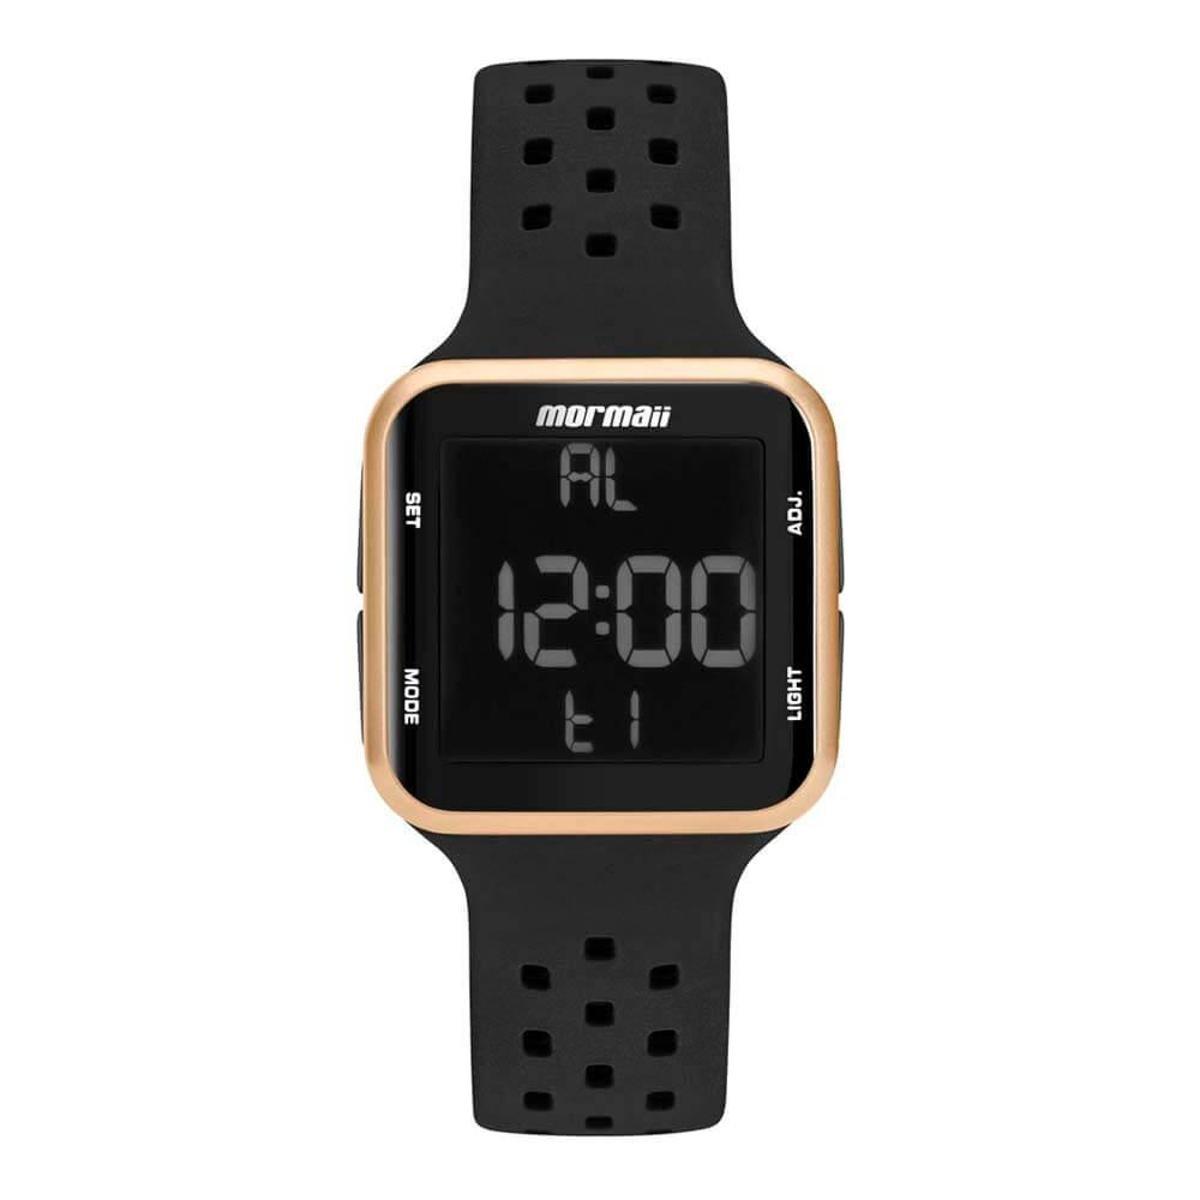 c051c0bef55 Relógio Mormaii Wave MO6600 8J - Compre Agora